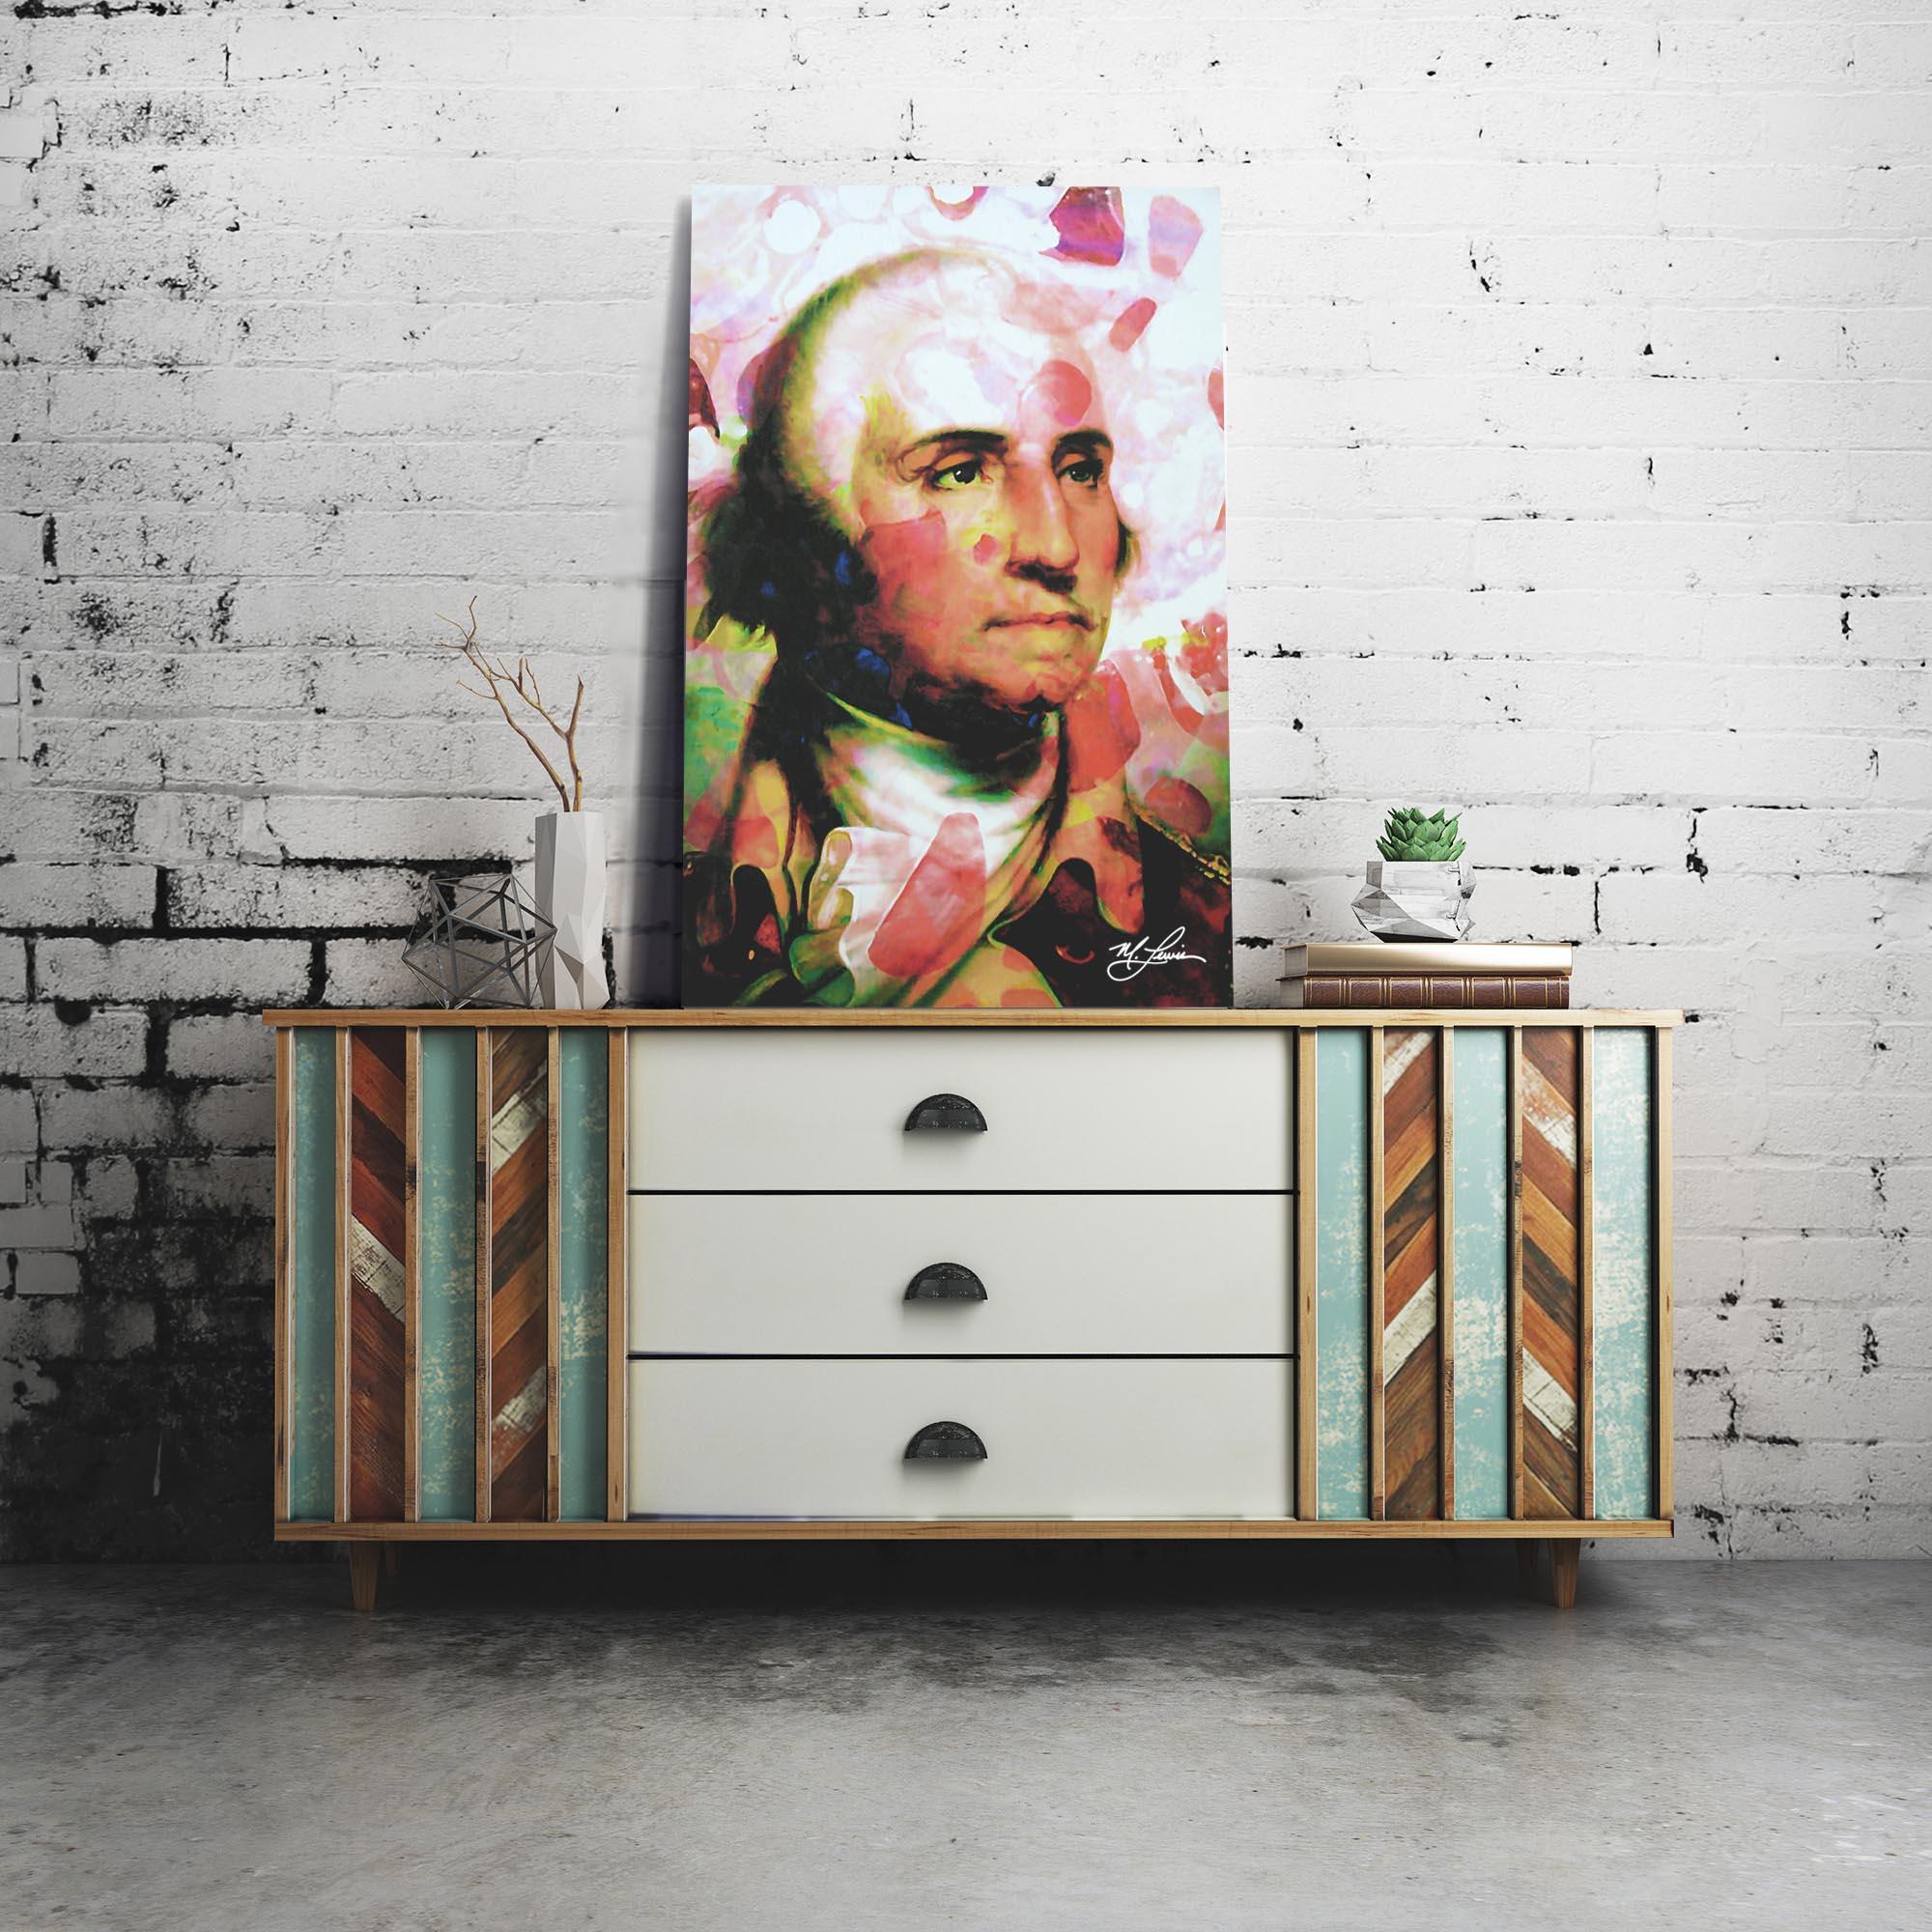 George Washington Disciplined Soul 22x32 Metal or Plexiglass Pop Art Portrait - Lifestyle View